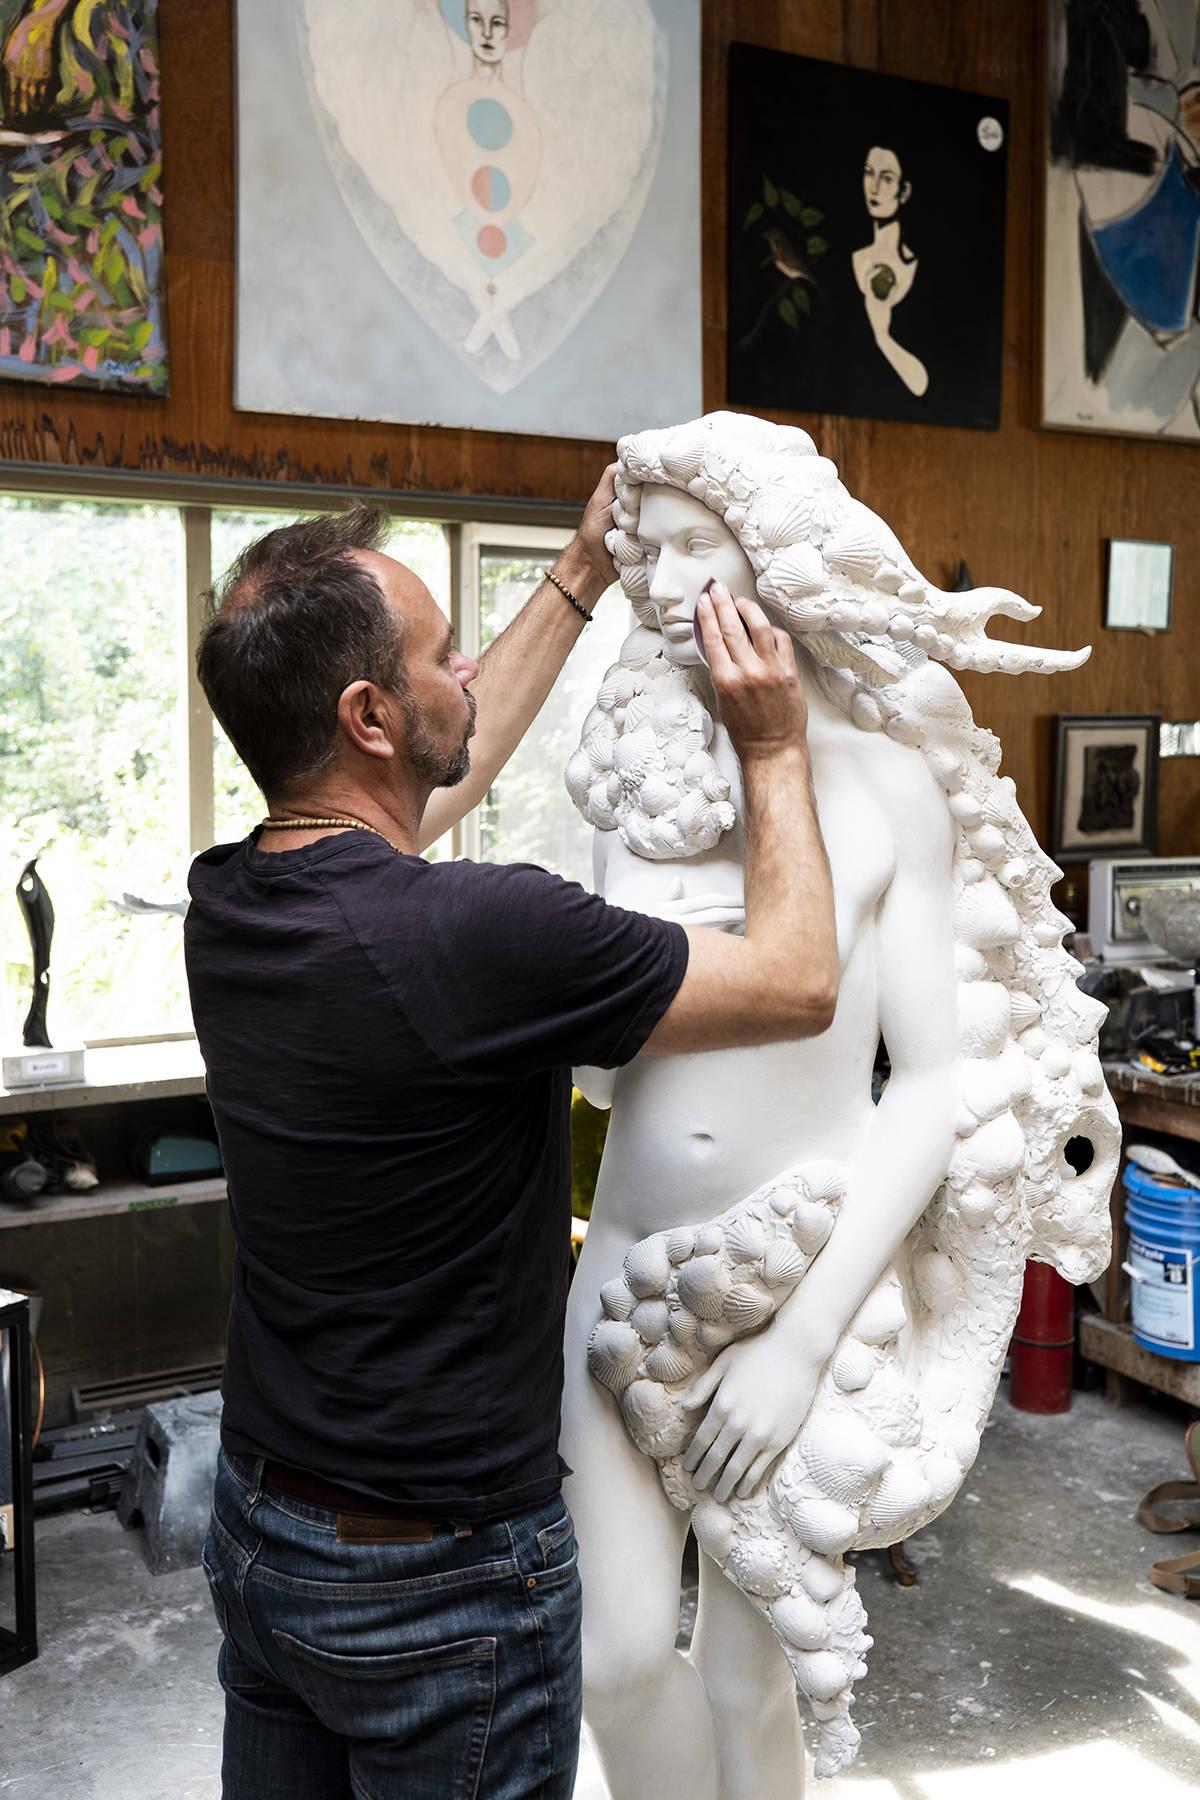 Sculptor David Hunwick. (Lia Crowe) Sculptor David Hunwick. (Lia Crowe) Sculptor David Hunwick. (Lia Crowe) Sculptor David Hunwick. (Lia Crowe)